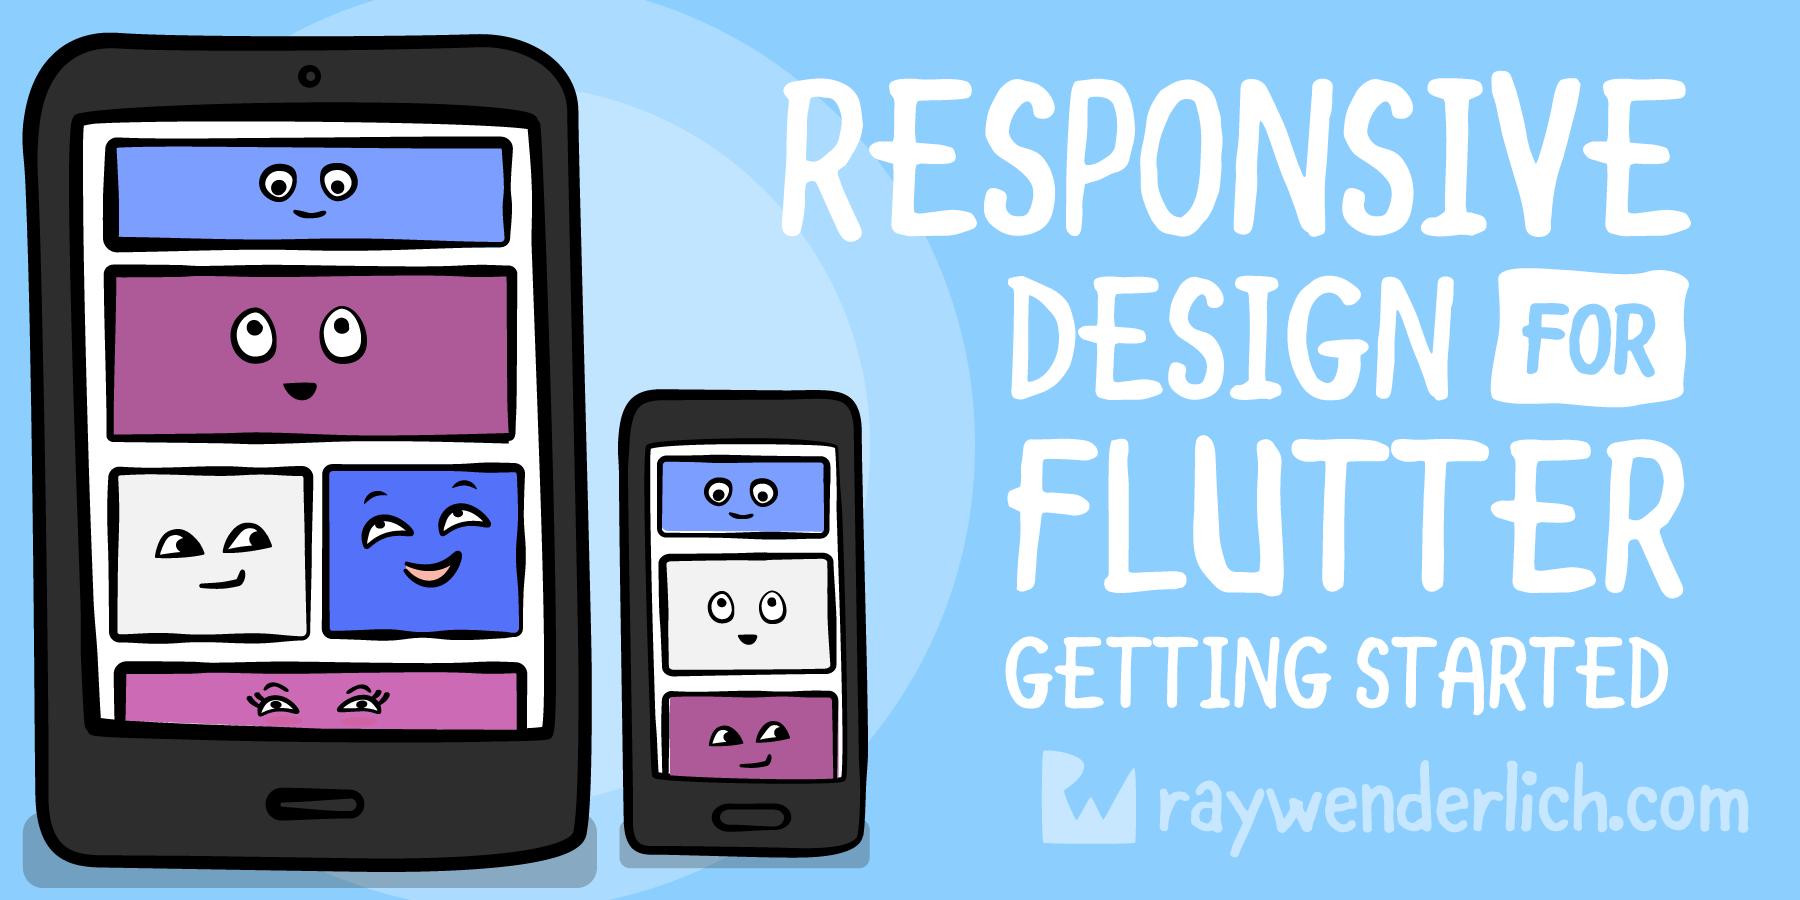 Responsive Design for Flutter: Getting Started